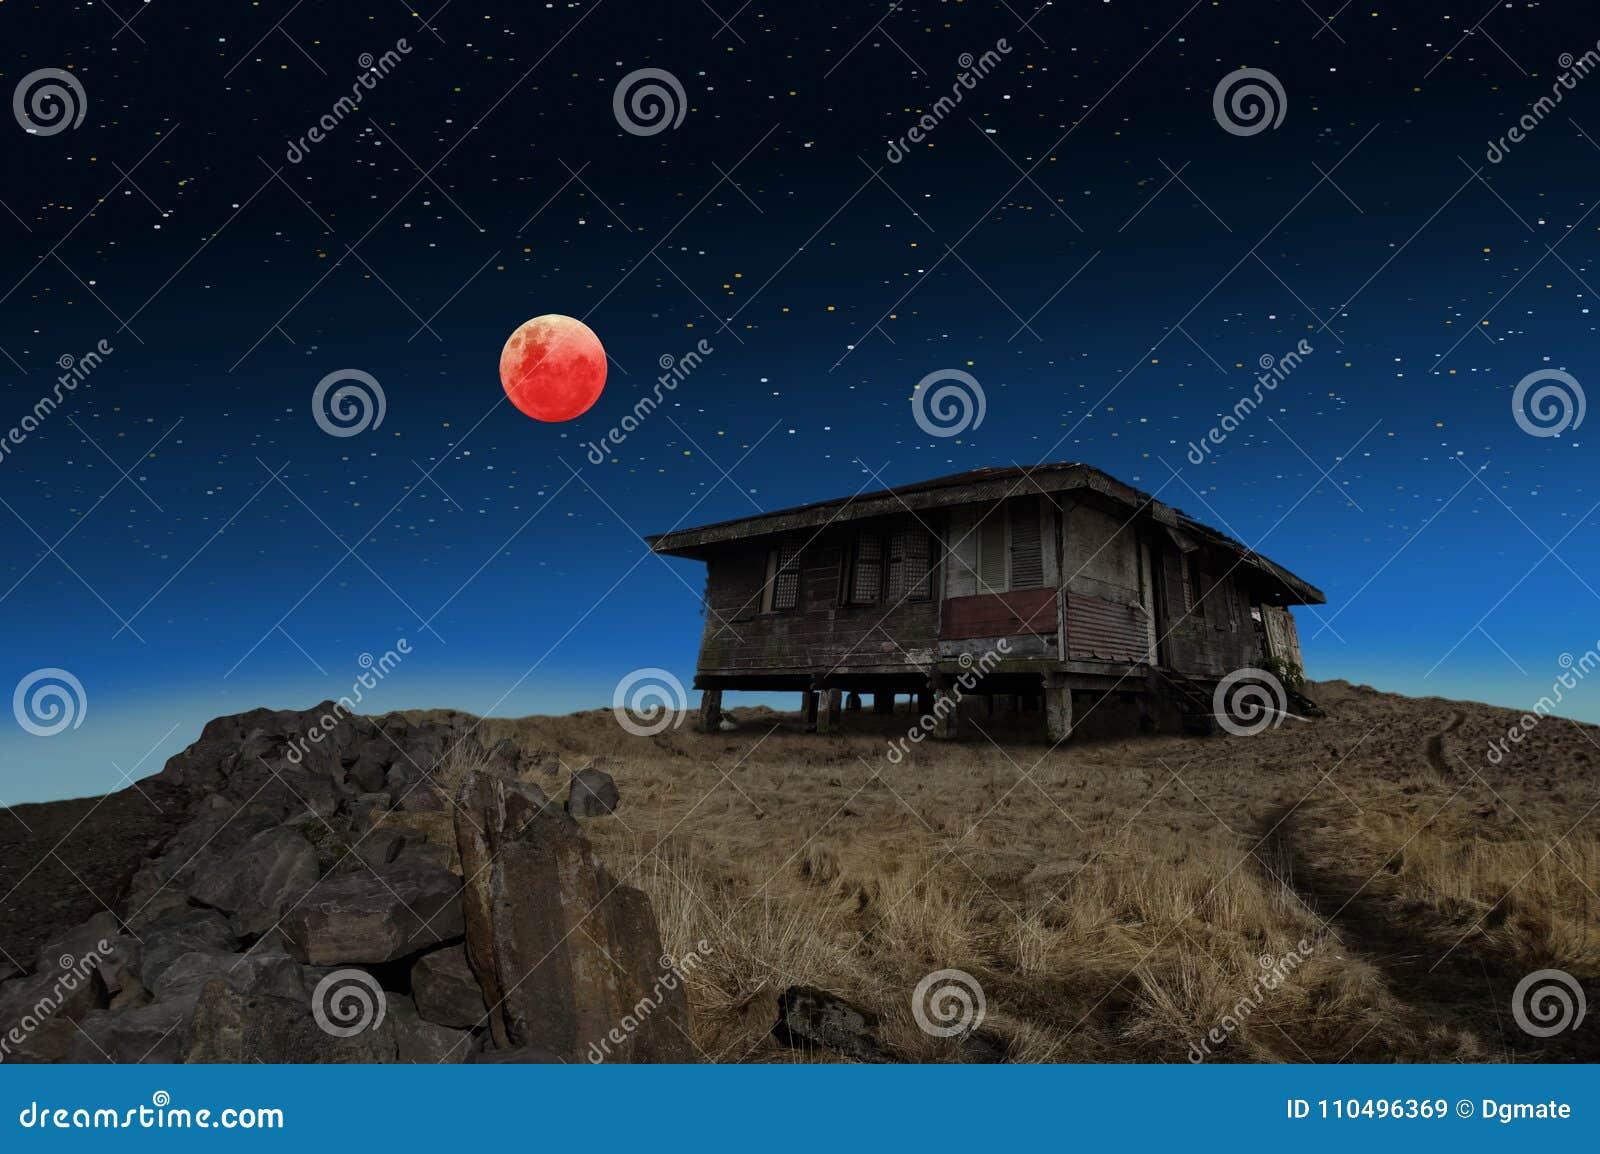 Éclipse superbe de lune de sang bleu et une vieille maison abandonnée